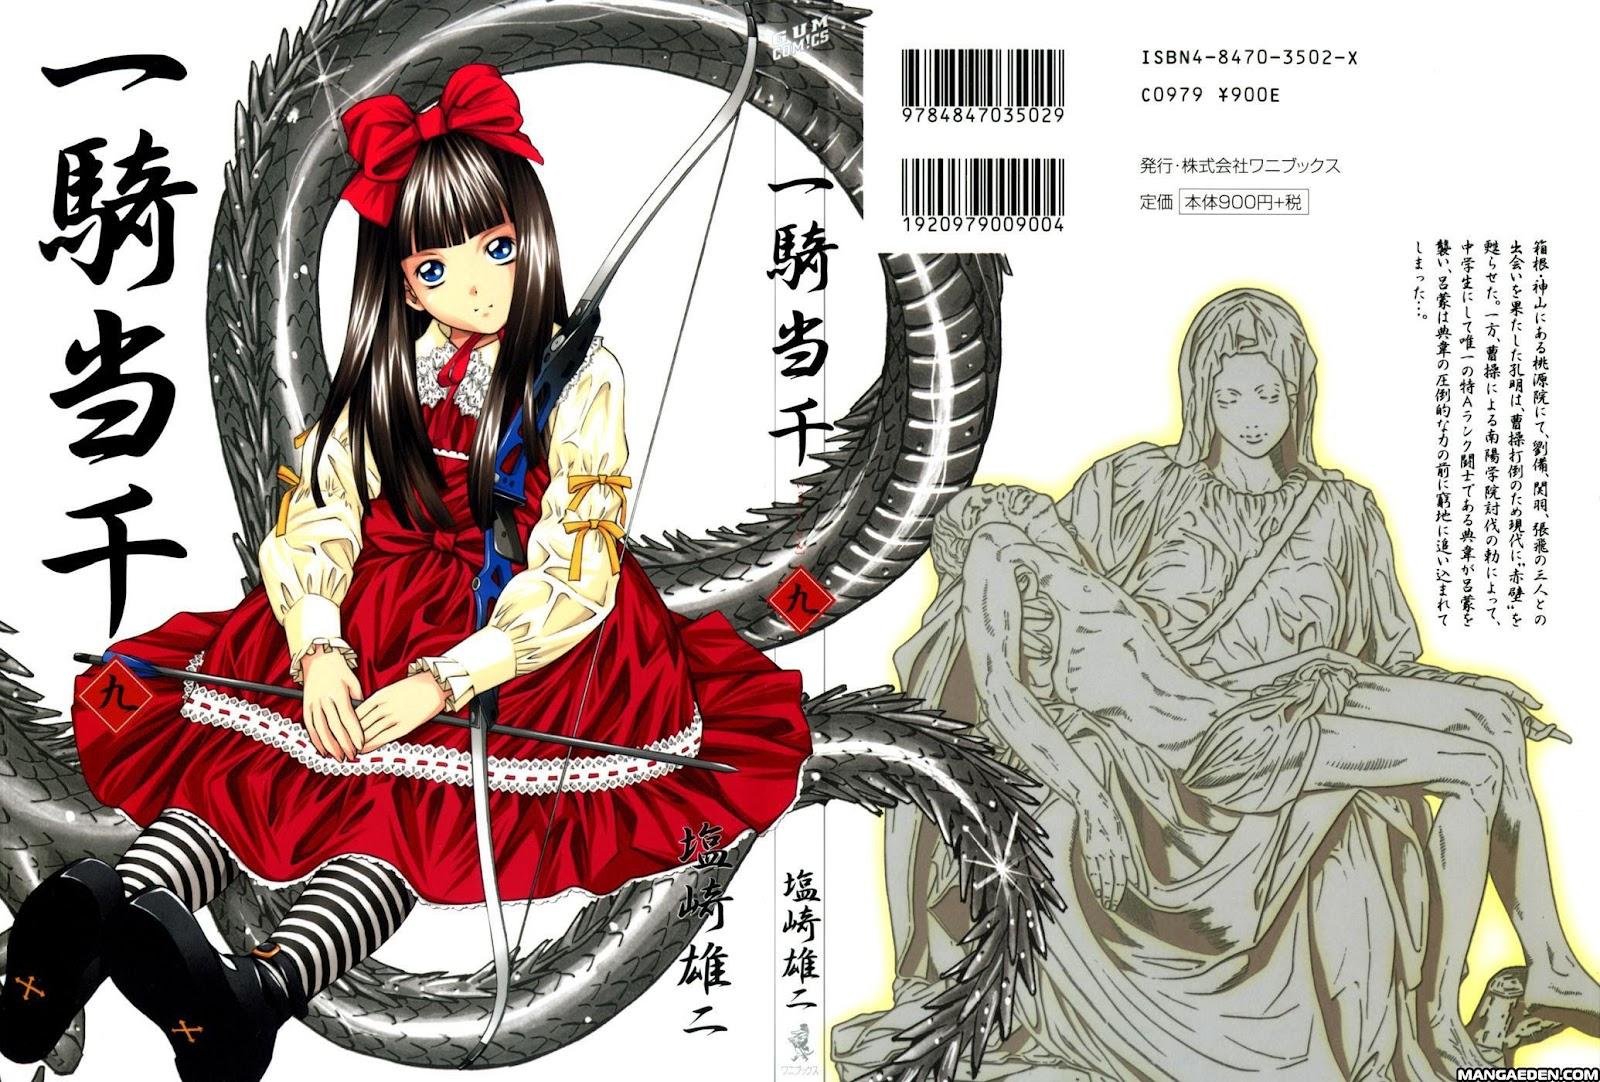 Ikkitousen ikki tousen-battle vixensn                    59 page 1 at www.Mangago.me